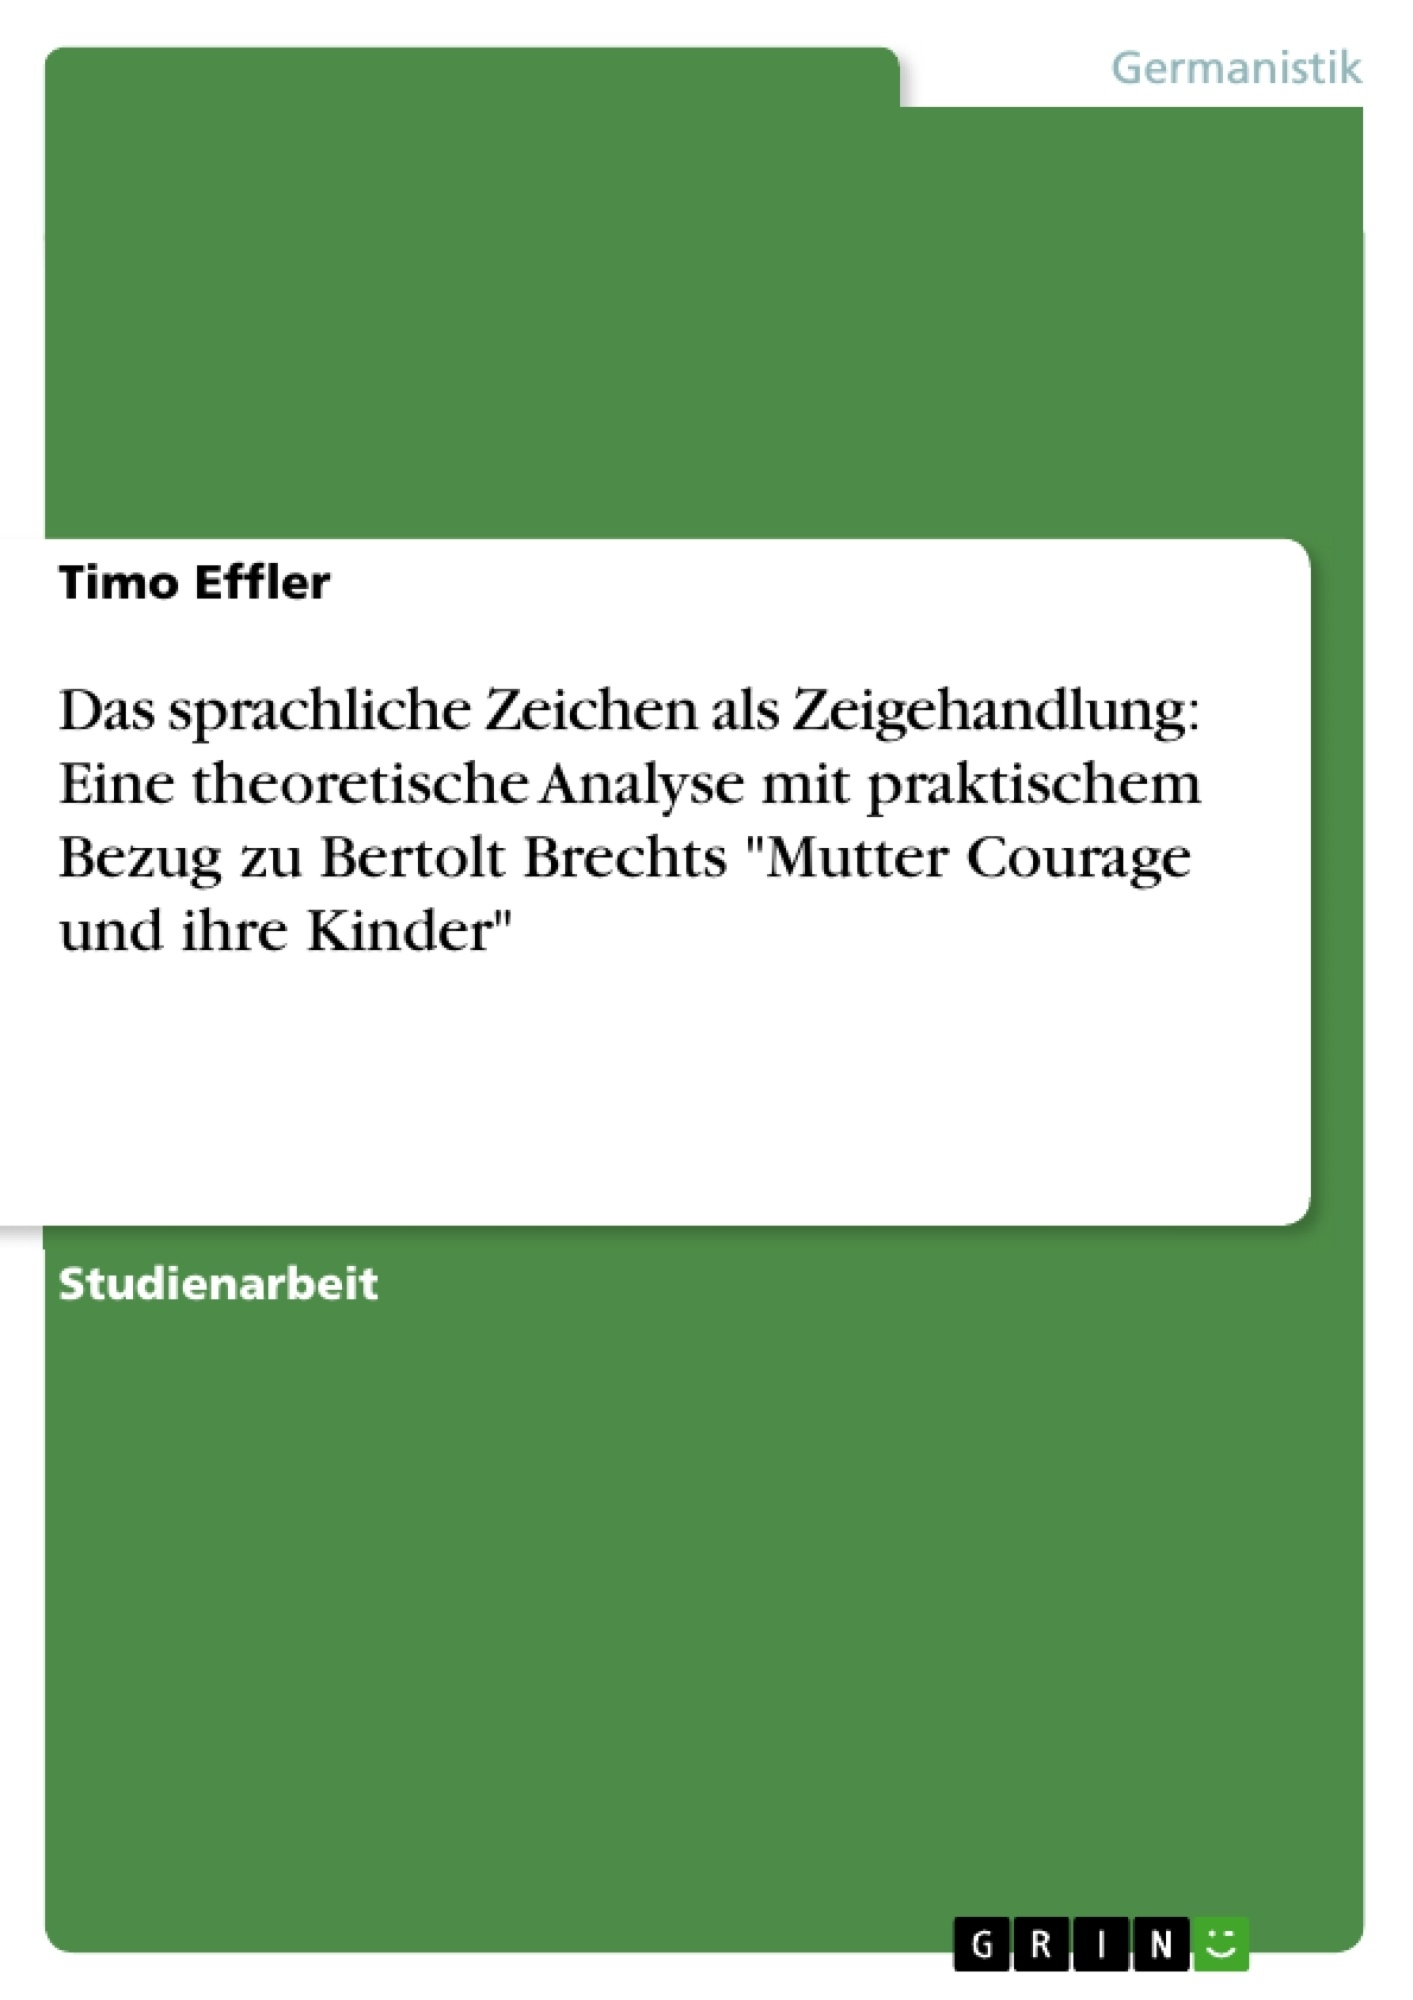 """Titel: Das sprachliche Zeichen als Zeigehandlung: Eine theoretische Analyse mit praktischem Bezug zu Bertolt Brechts """"Mutter Courage und ihre Kinder"""""""